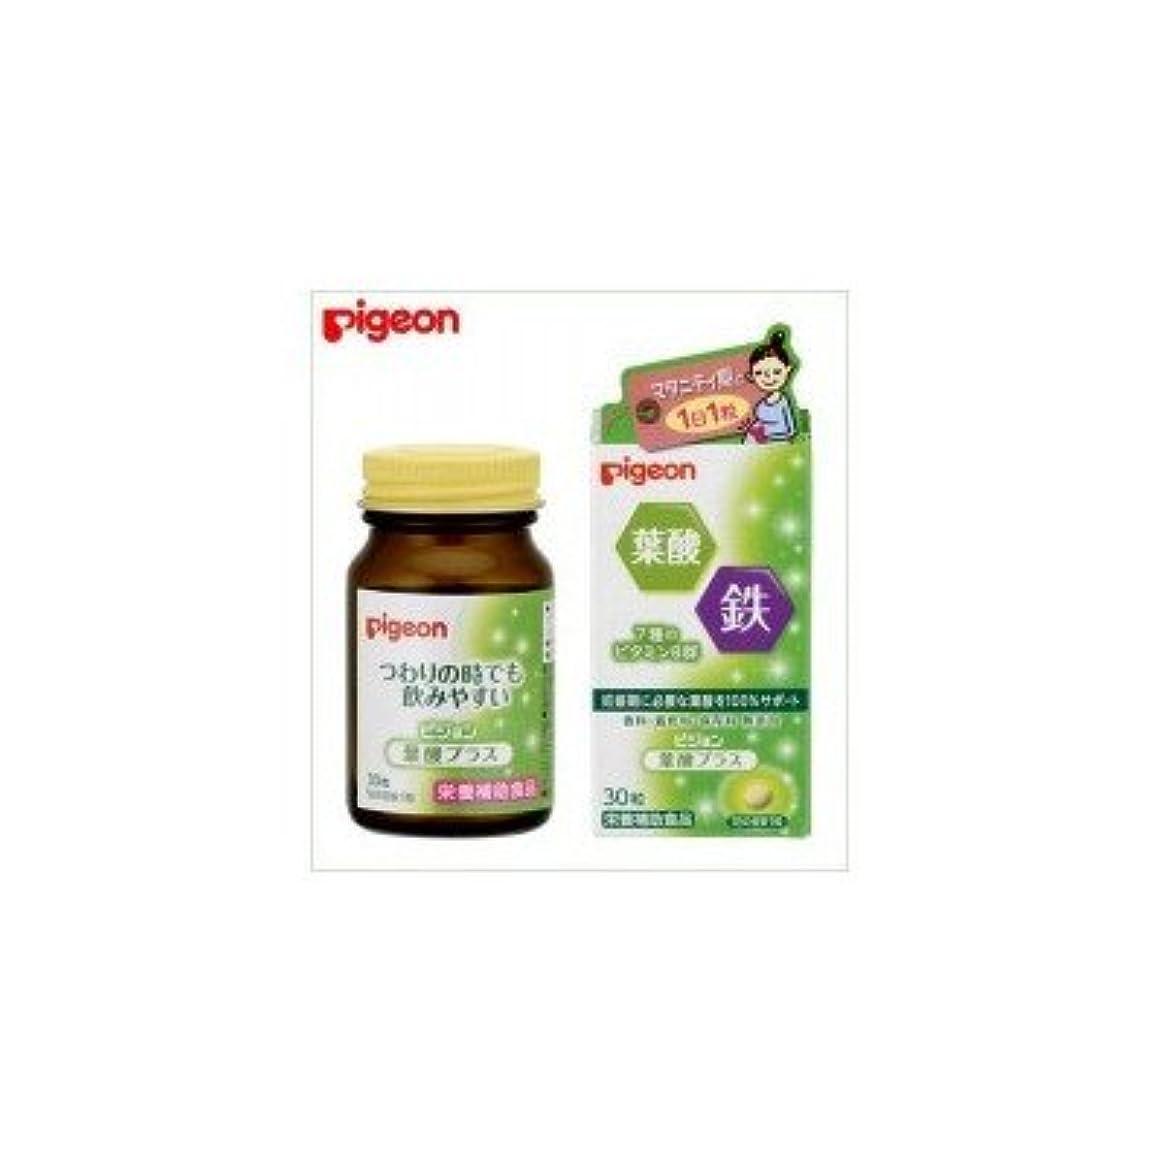 お酢ワットPigeon(ピジョン) サプリメント 栄養補助食品 葉酸プラス 30粒(錠剤) 20390